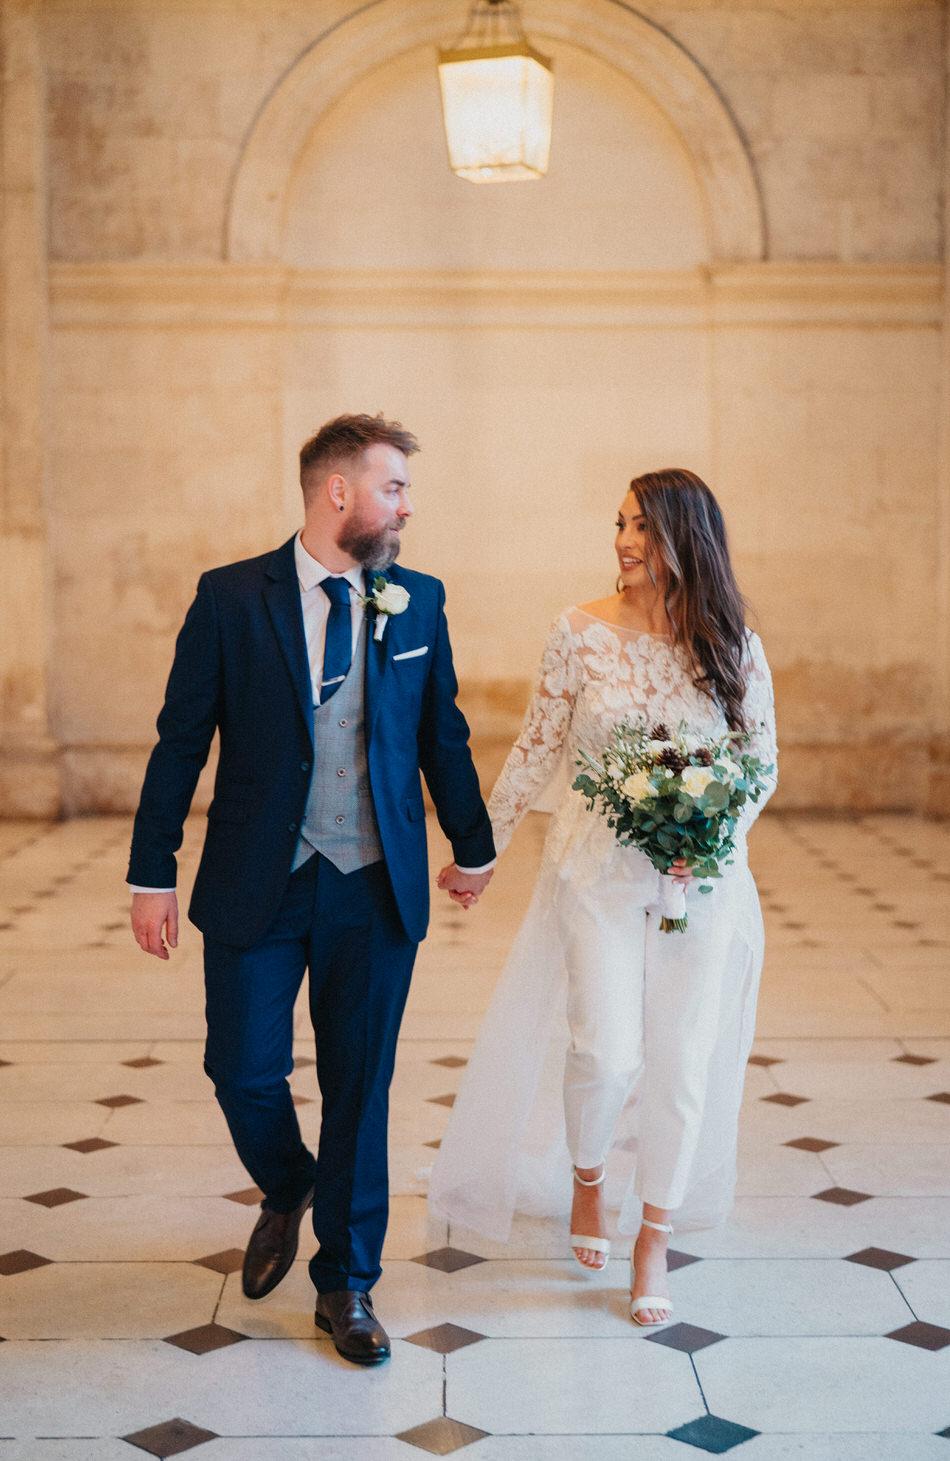 City-hall-dublin-wedding-photos-57 56